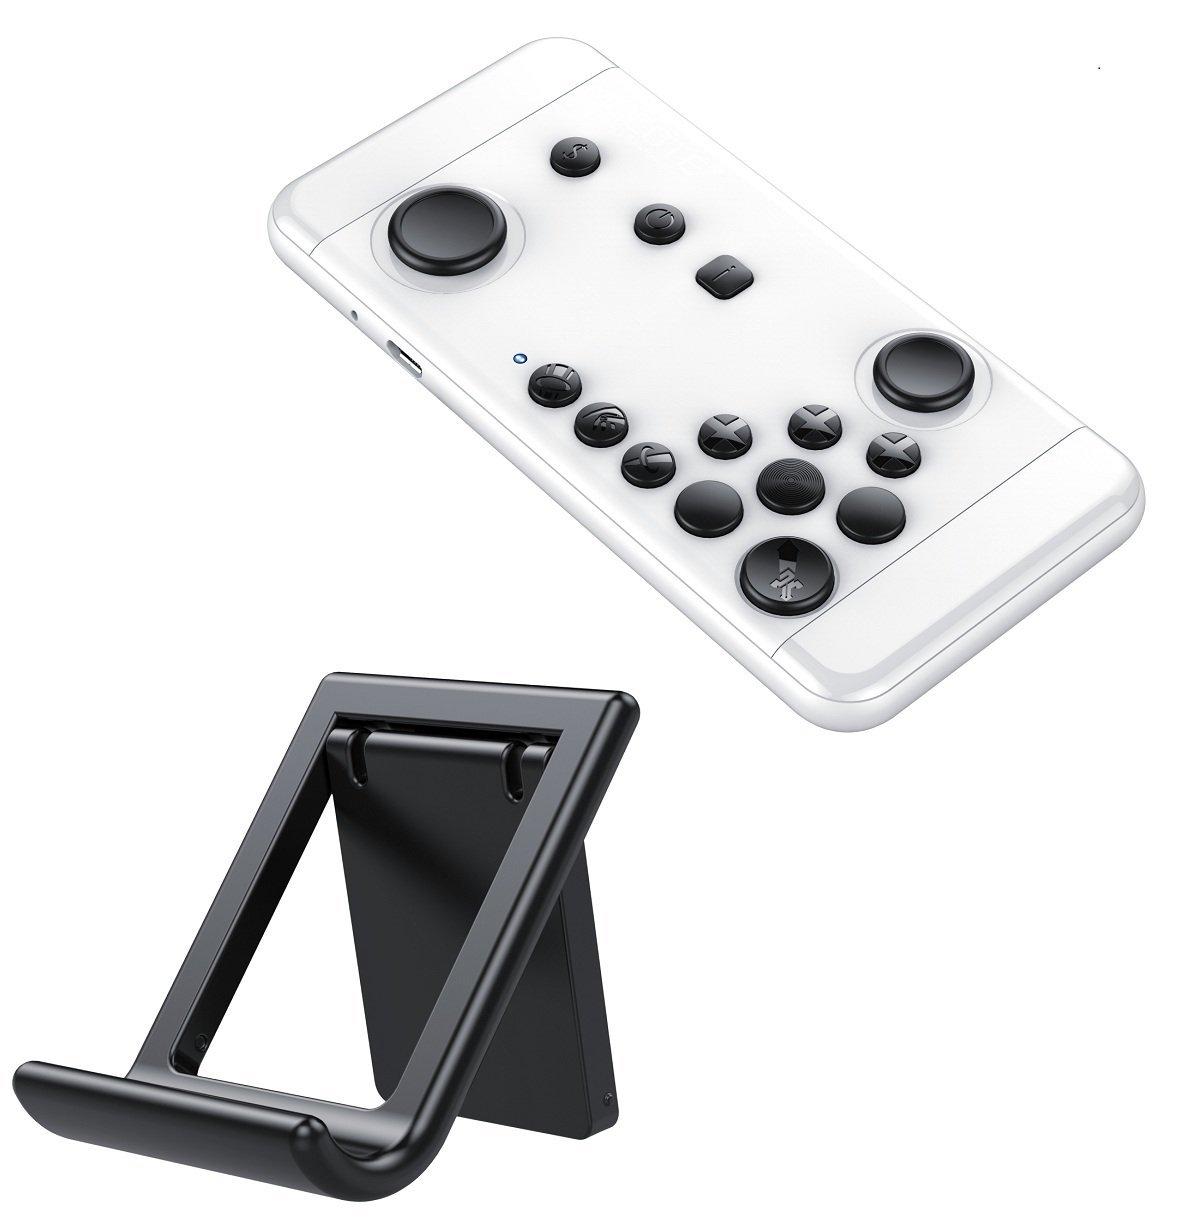 Tay cầm chơi game  Vua vinh hiển Moveski MCT055 Bluetooth không dây với khung nhỏ áp dụng trò chơi c